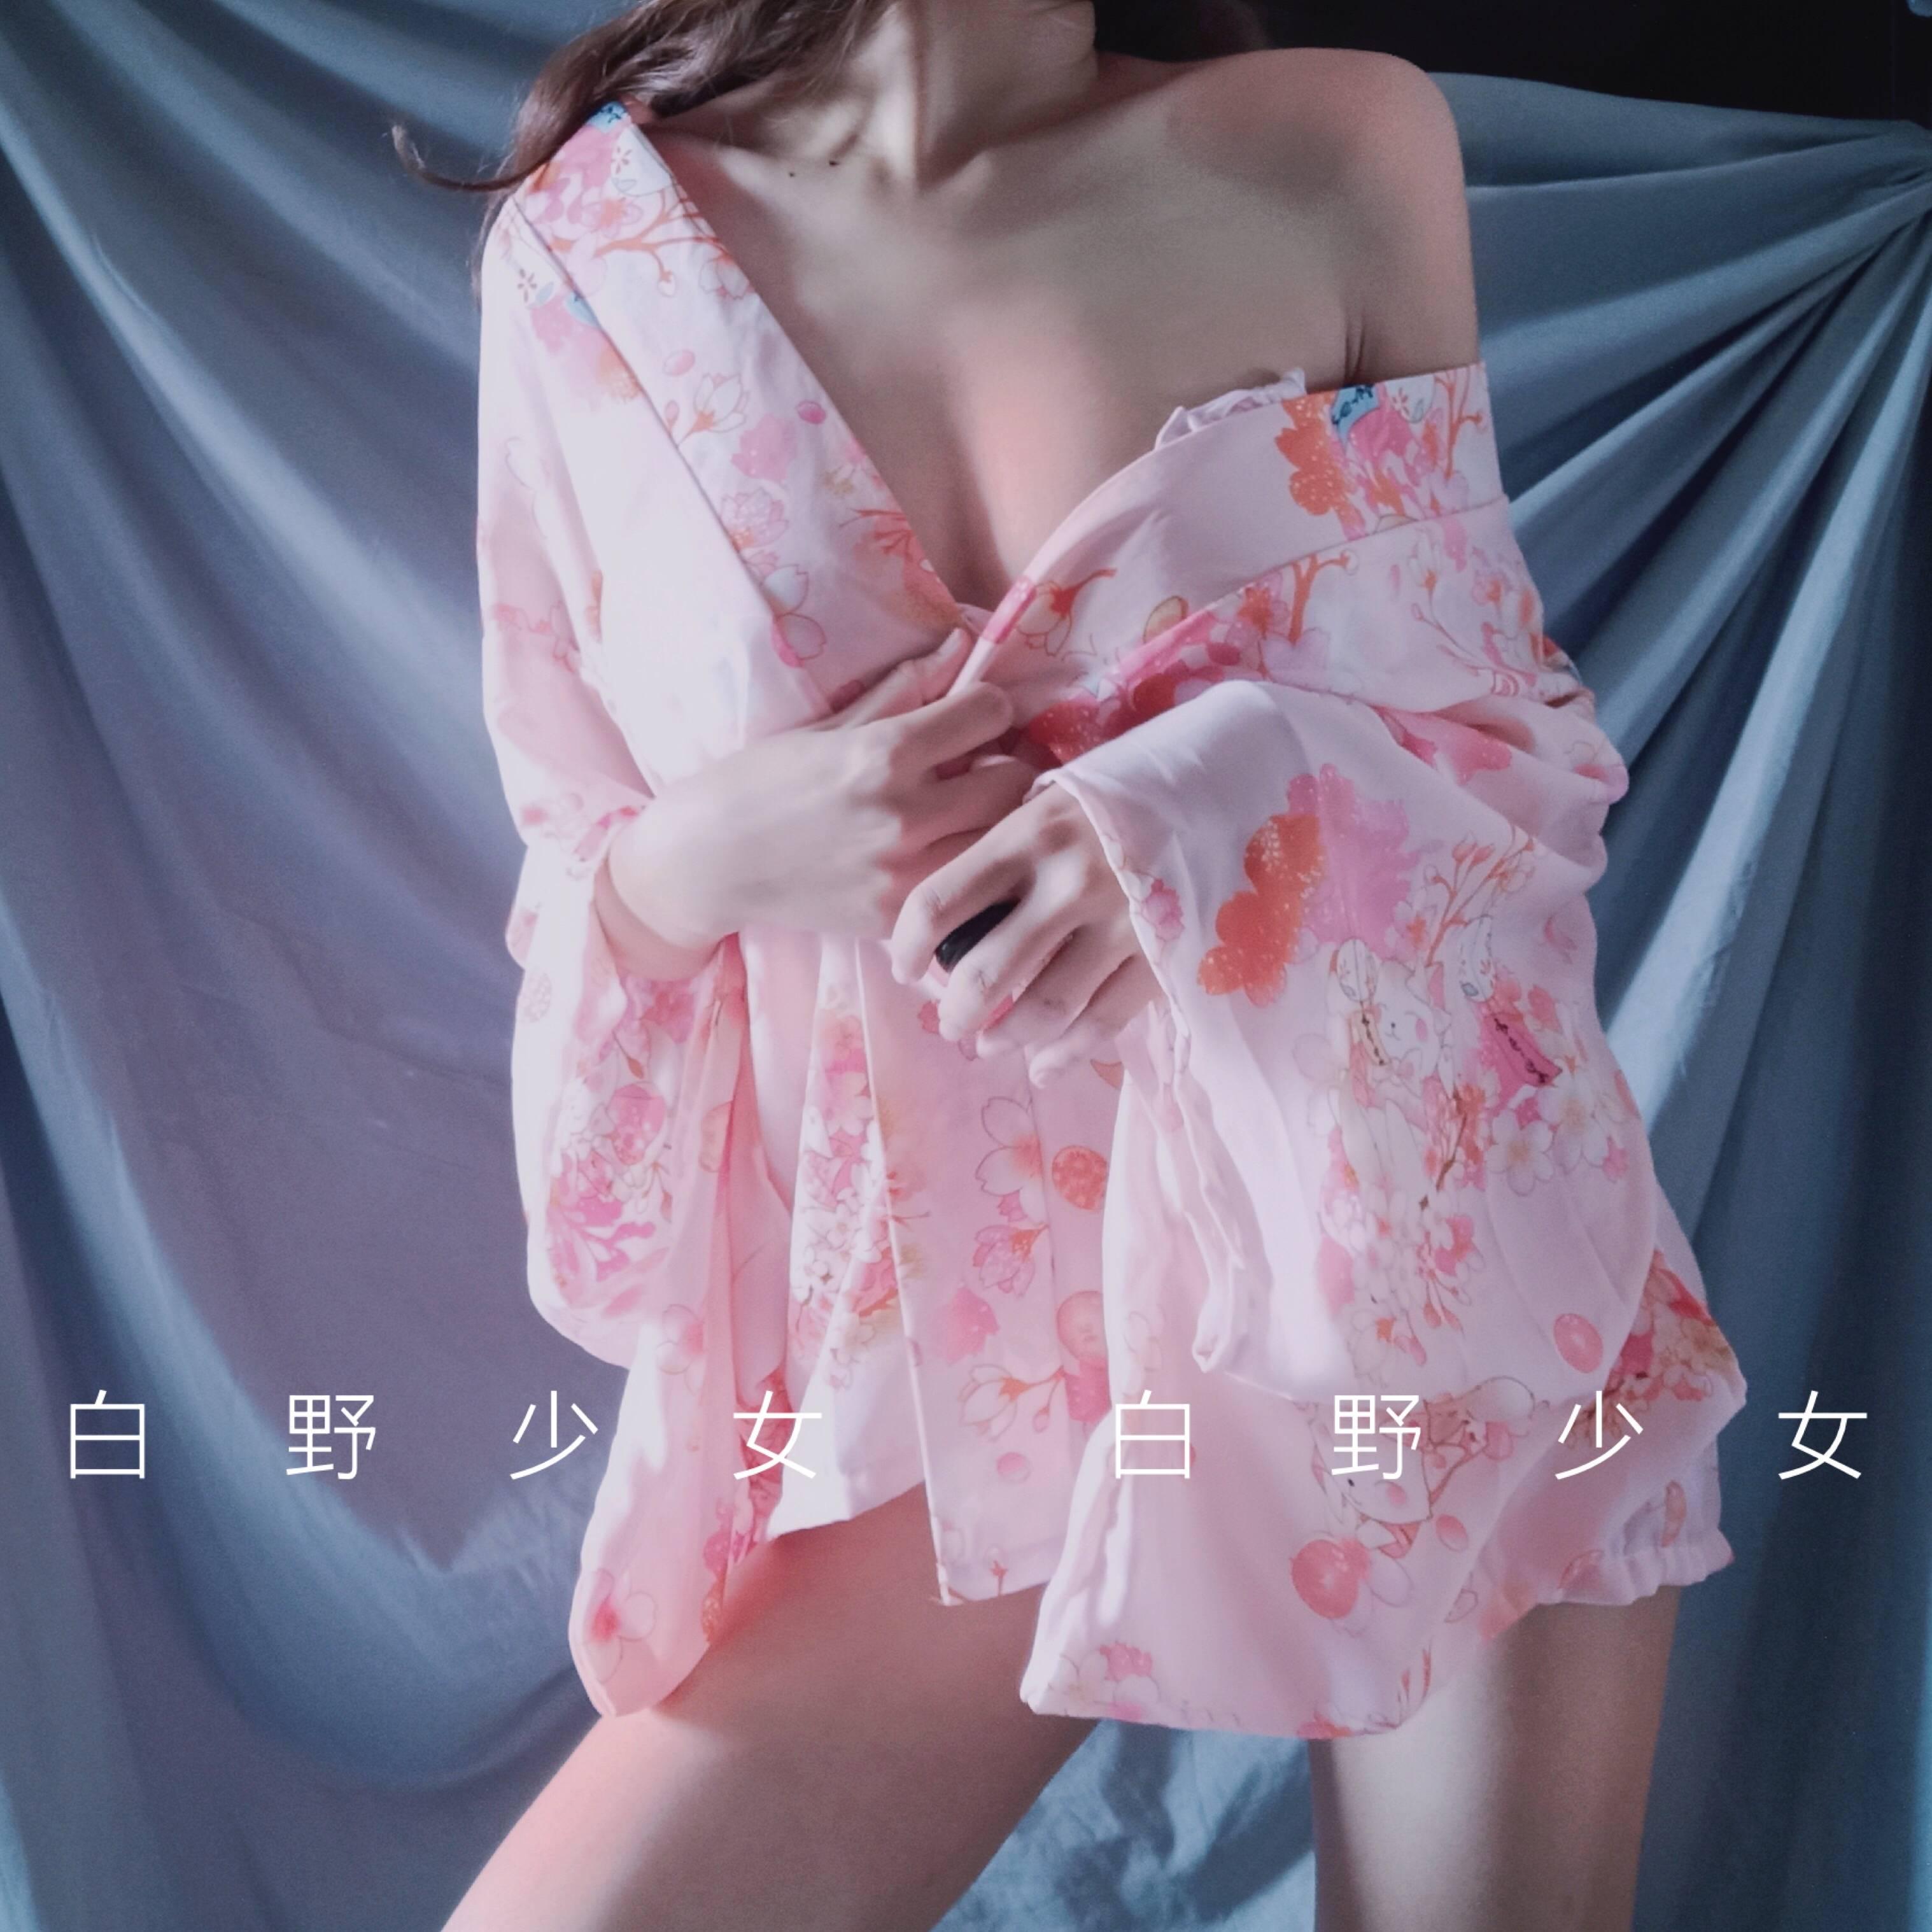 日本羽织日式大码性感日系和服诱惑情趣系和风睡衣少女浴衣cos